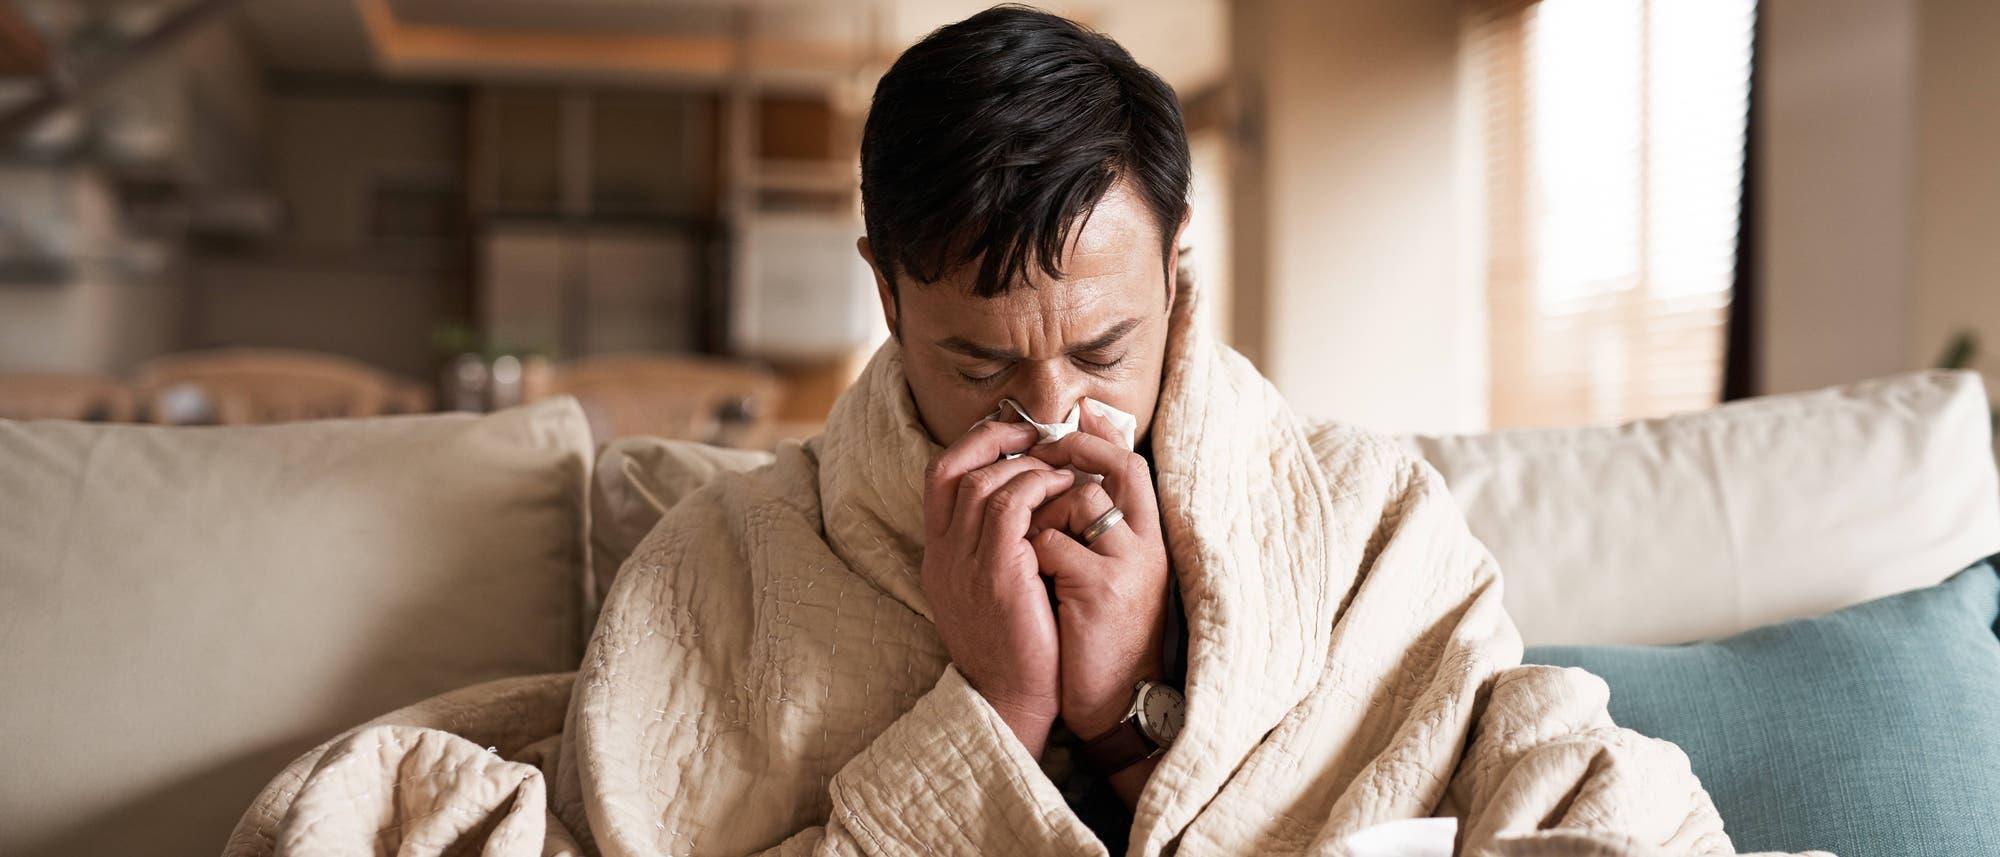 Ein Mann sitzt in eine Decke gehüllt auf der Couch und schneuzt sich die Nase.